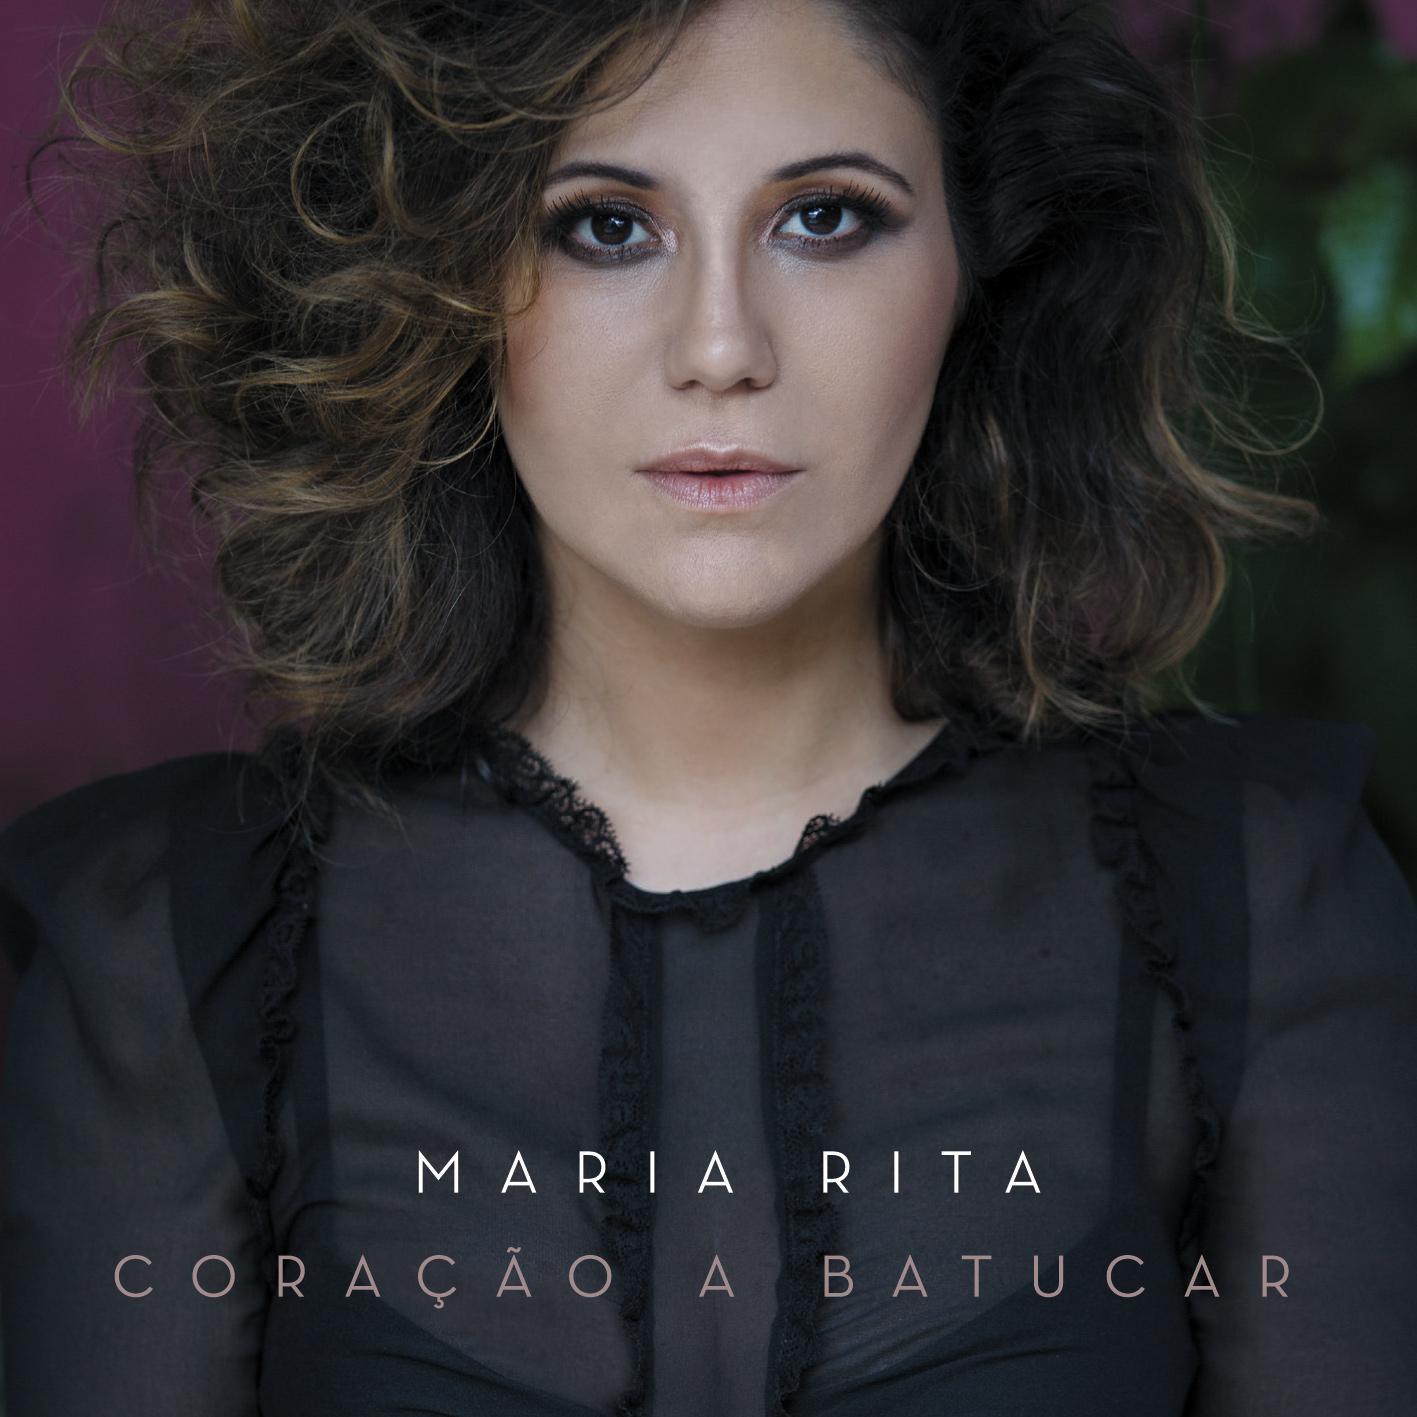 Maria Rita: Coração a Batucar post image